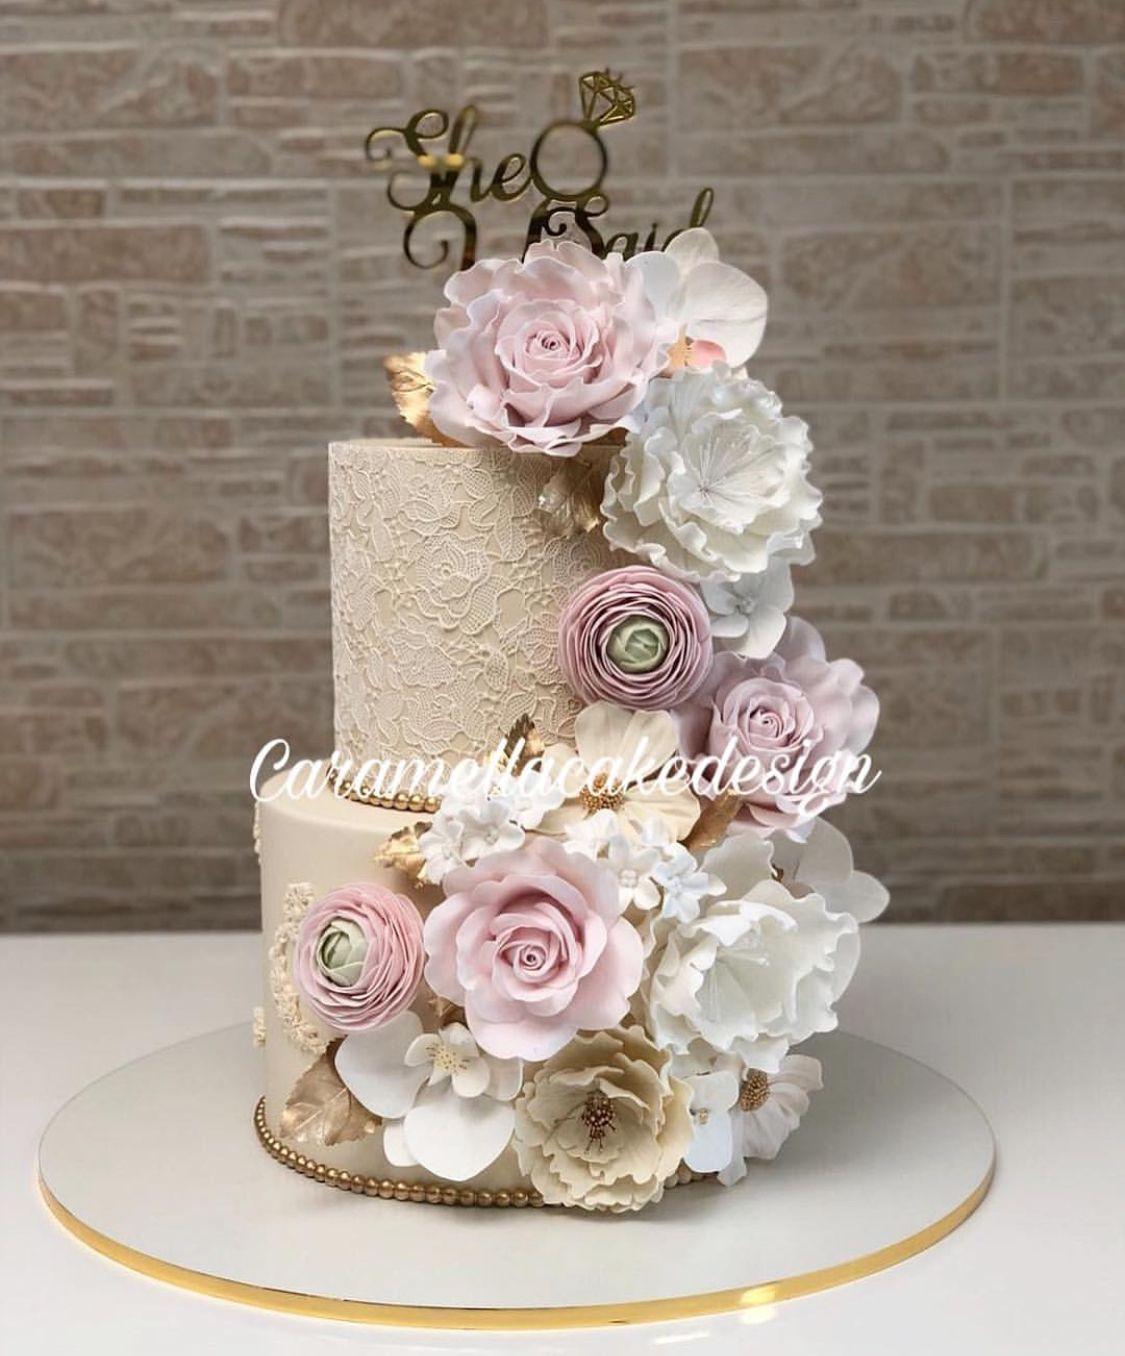 Pin By Katai Zsuzsanna On Sutikaja Elegant Birthday Cakes